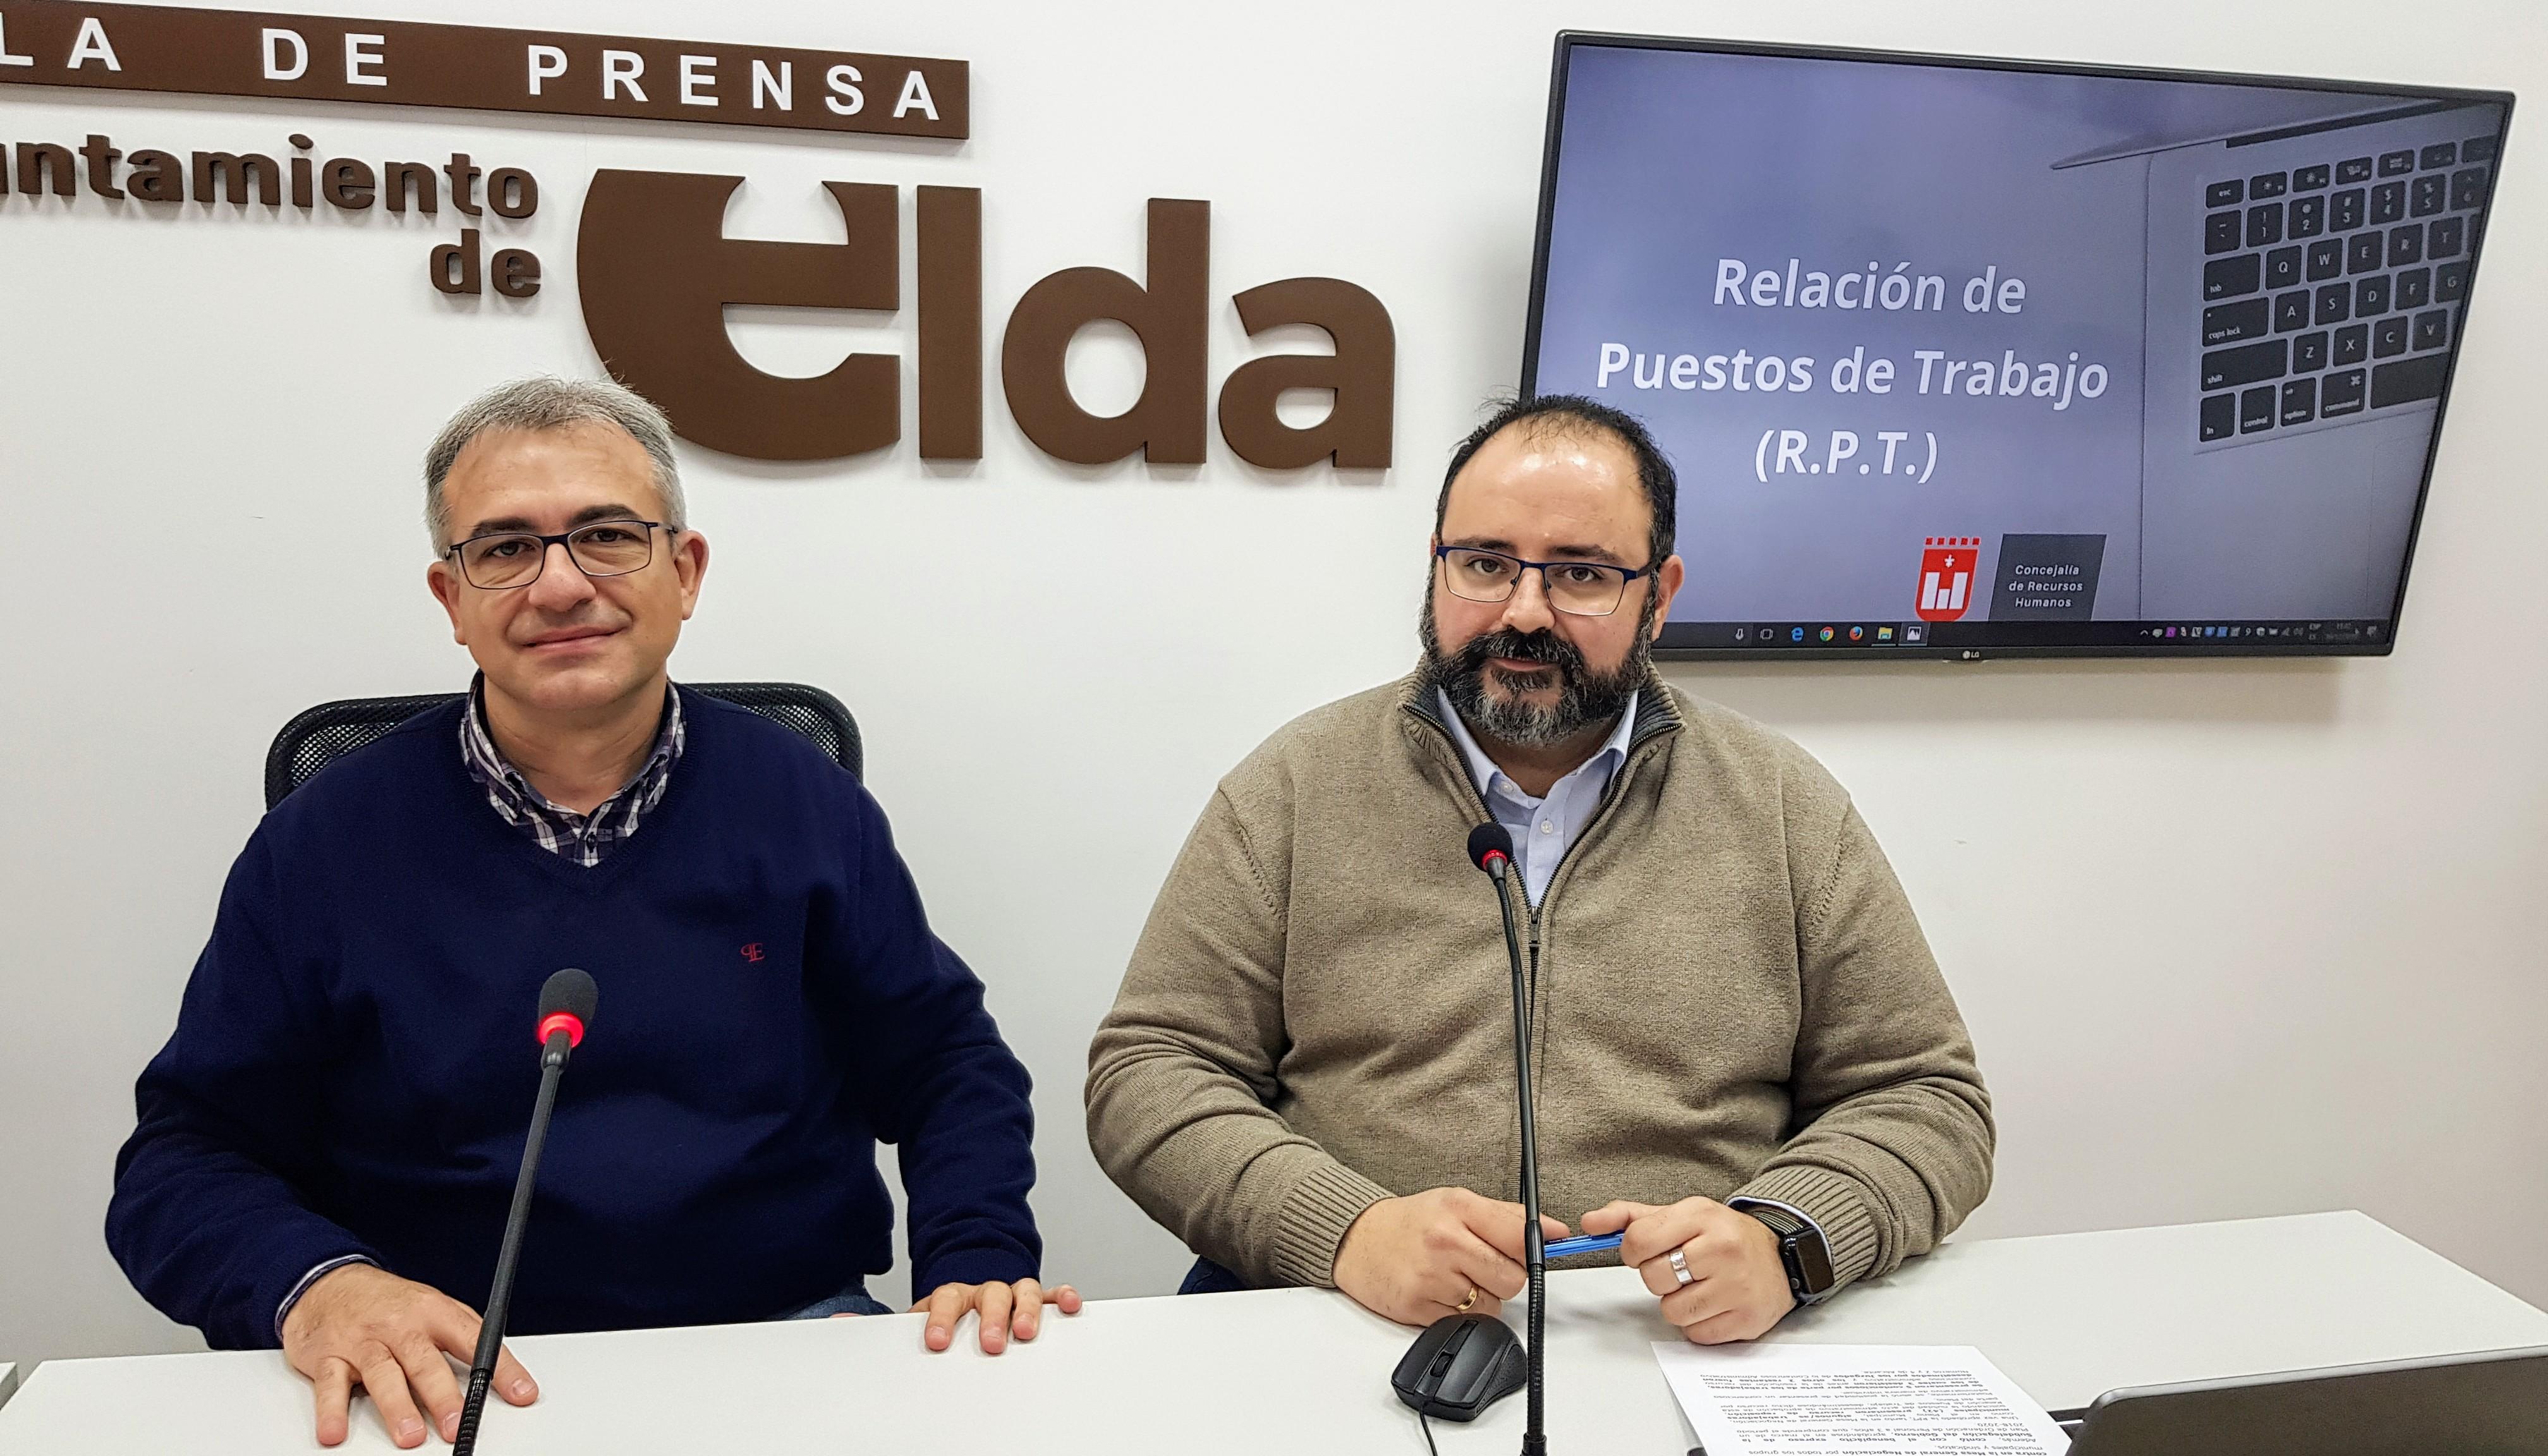 La RPT del Ayuntamiento de Elda queda aprobada de manera definitiva tras desestimar los tribunales los recursos presentados